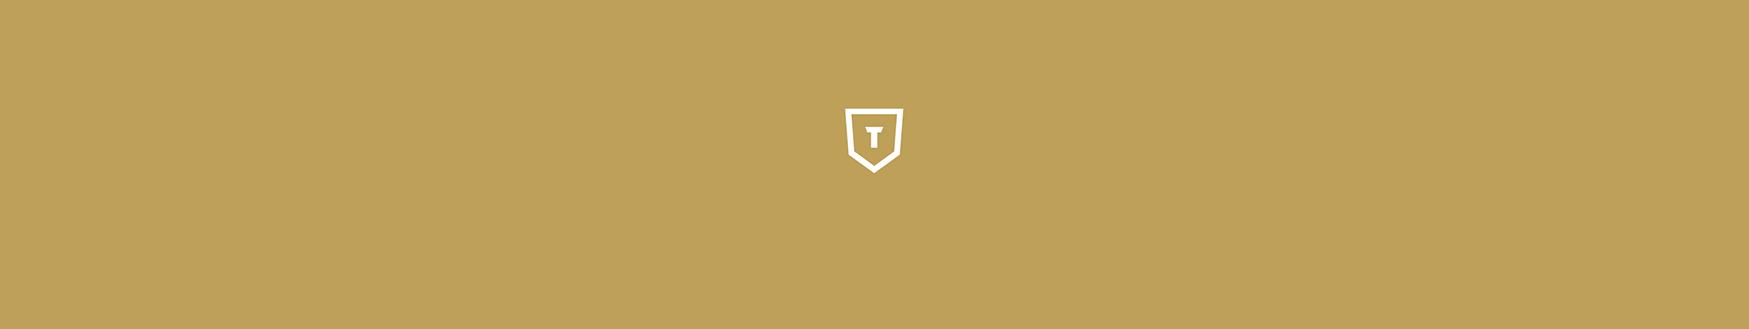 優秀賞・オーディエンス賞(ダブル受賞)